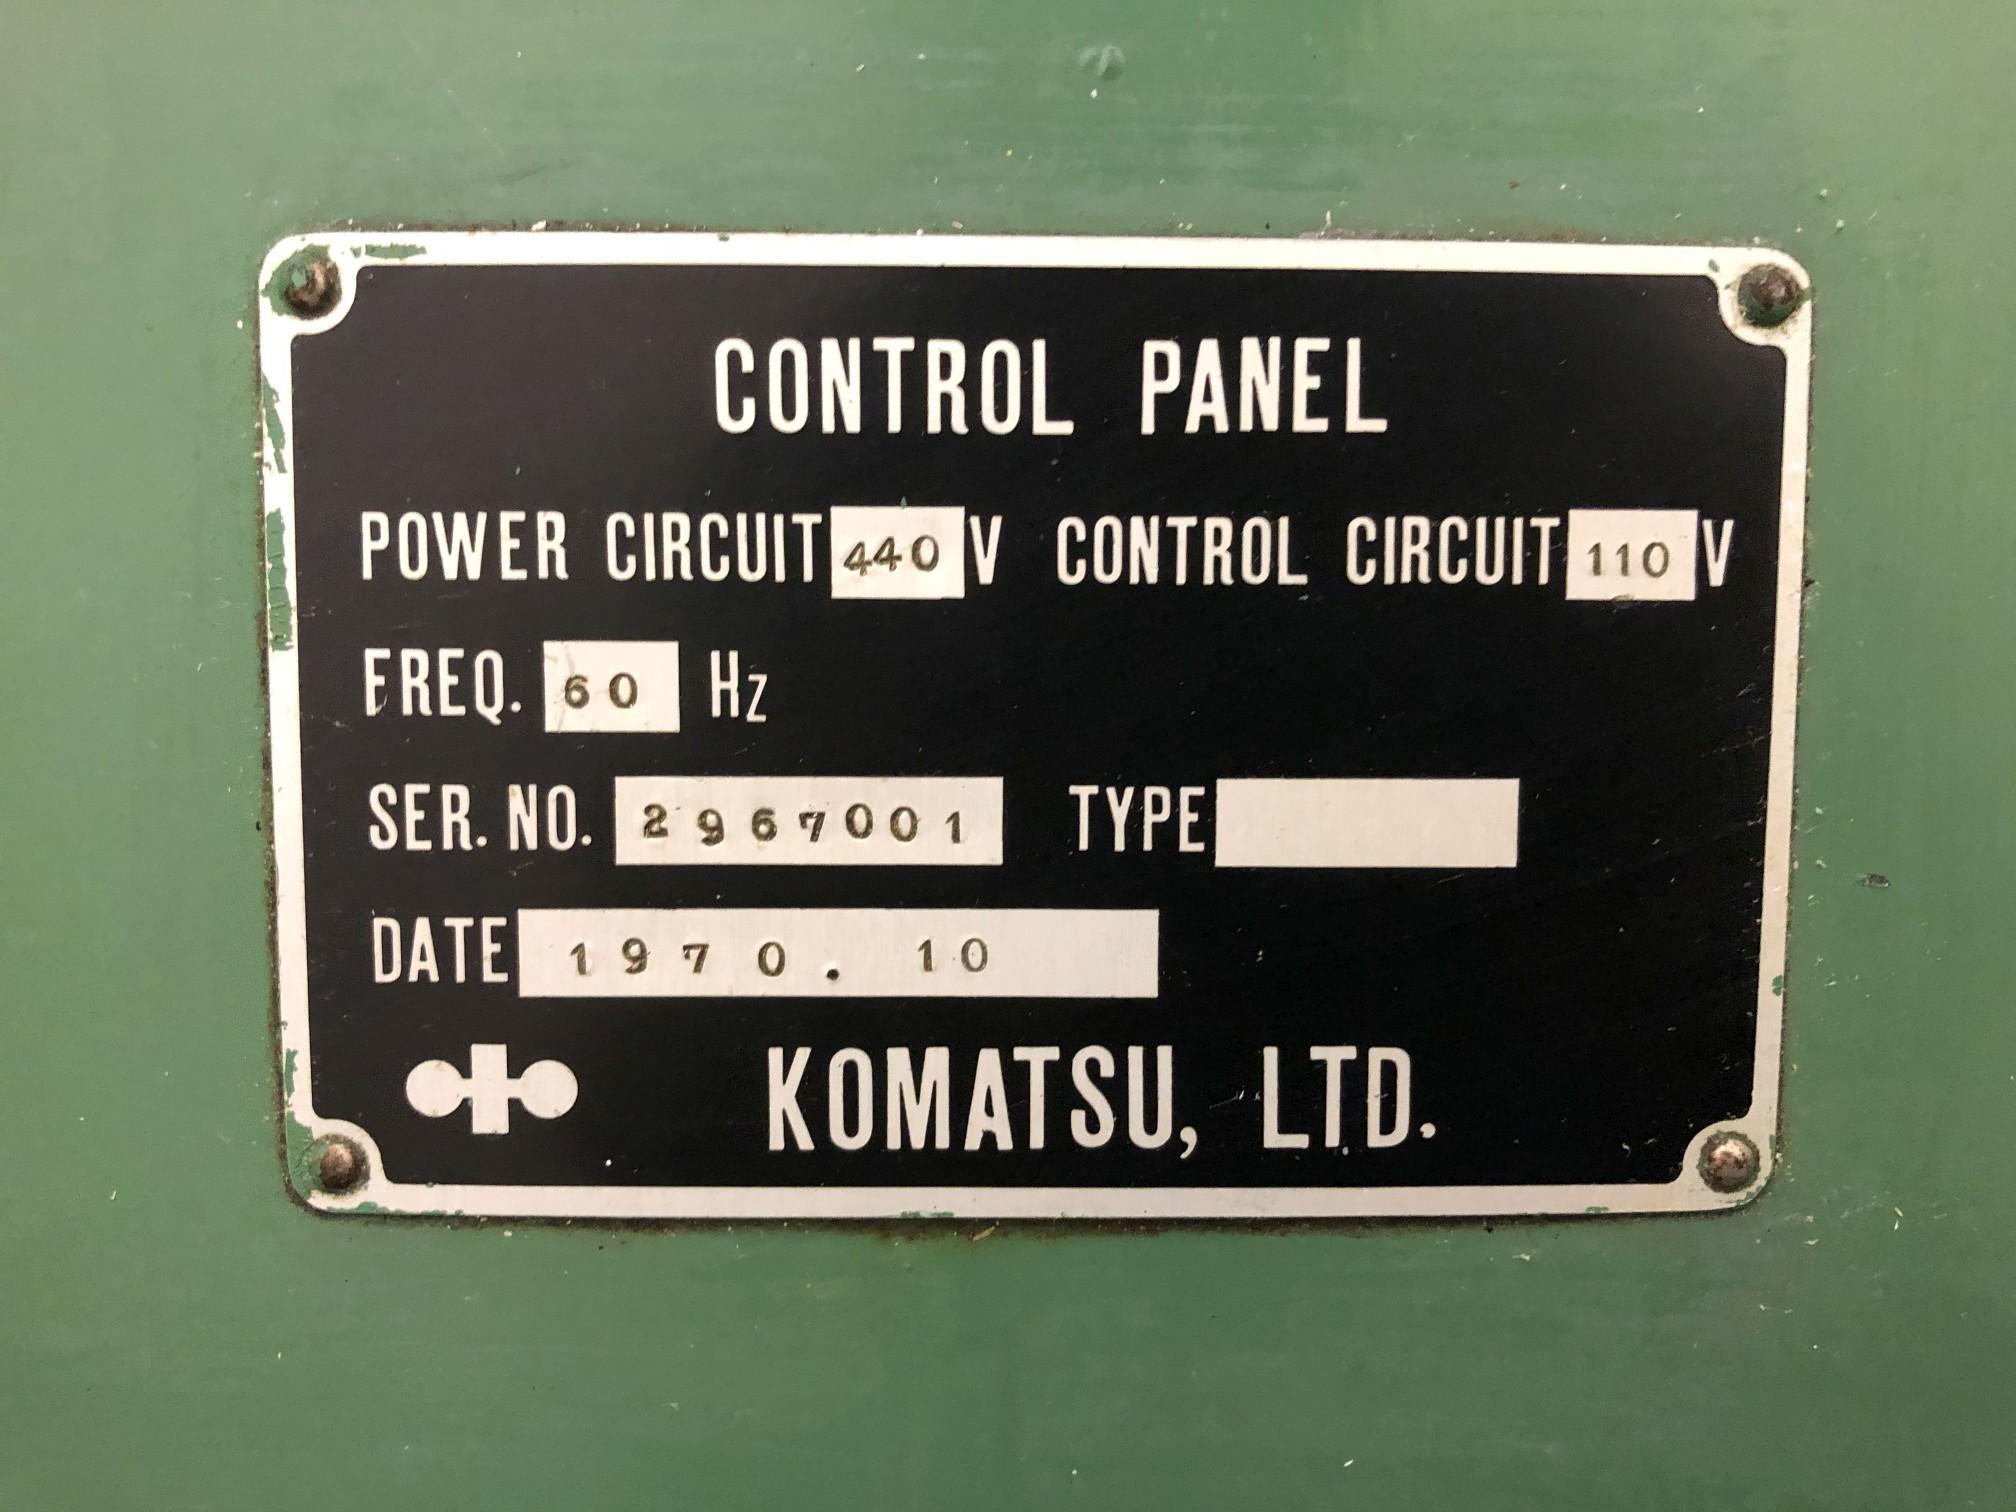 800 Ton Komatsu Maypress Knuckle Joint Press - Image 11 of 18